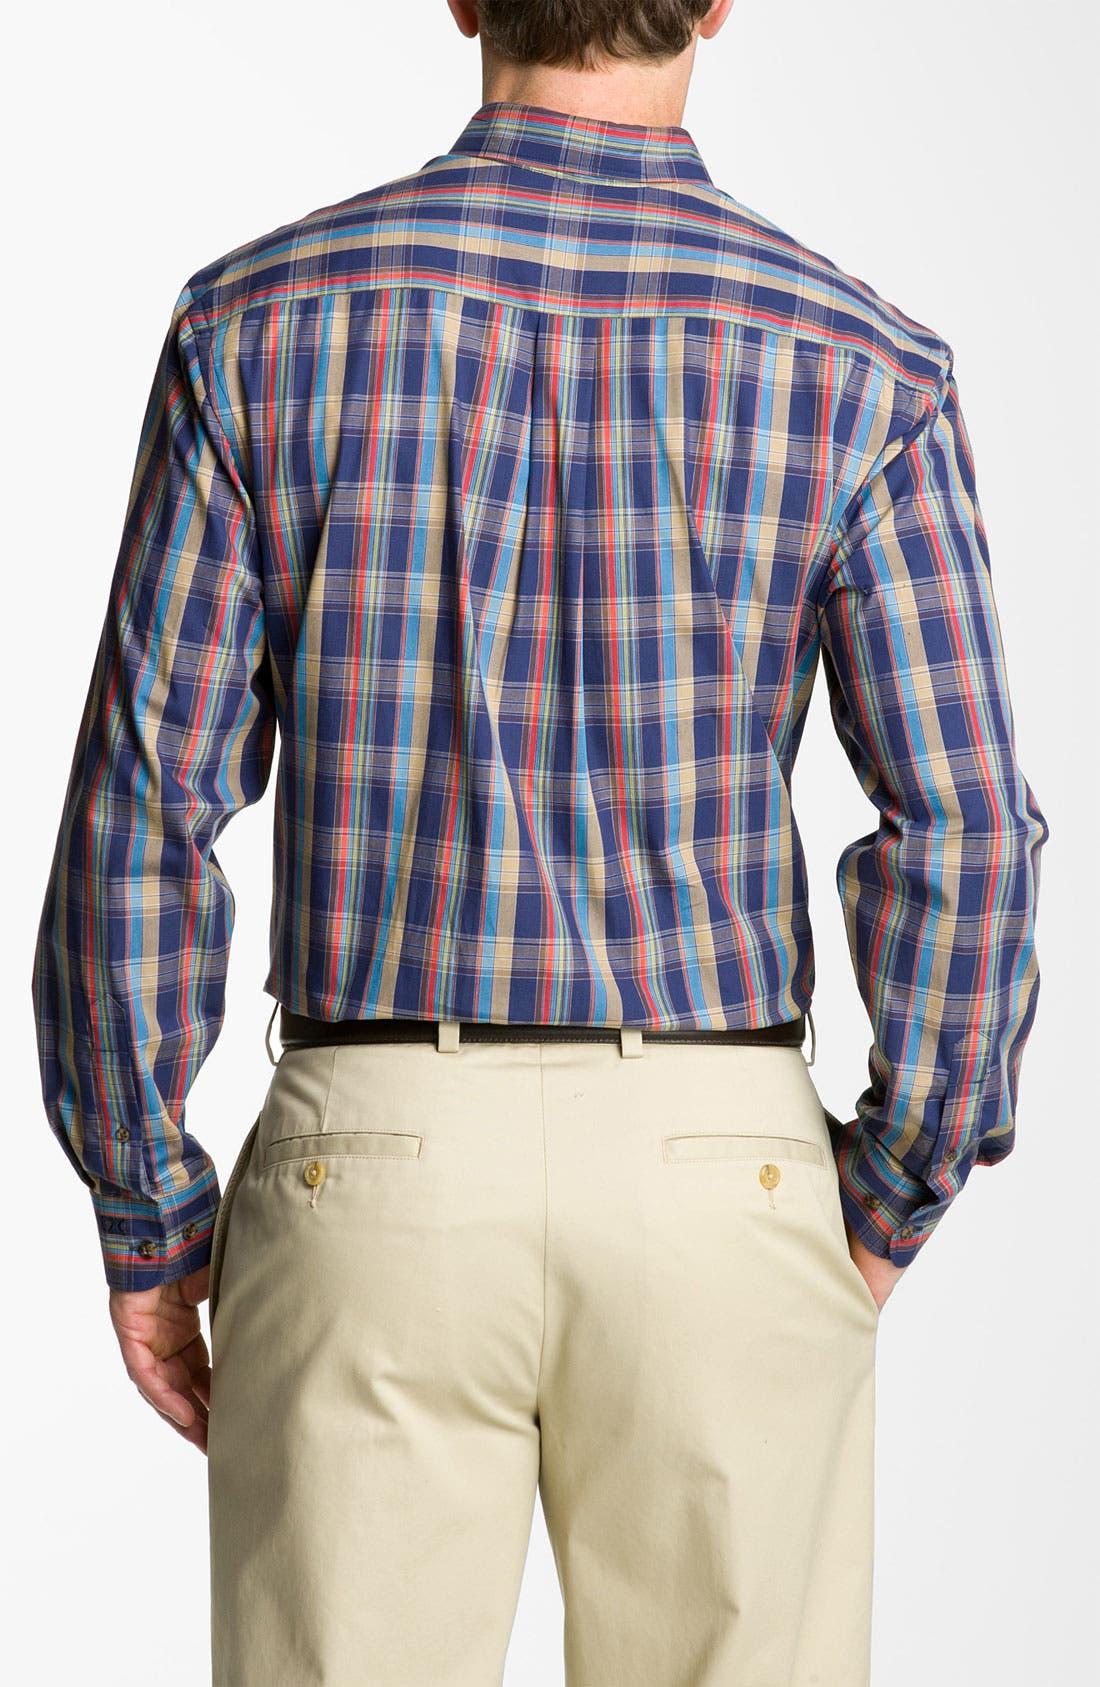 Alternate Image 2  - Cutter & Buck 'Palouse' Plaid Sport Shirt (Big & Tall)